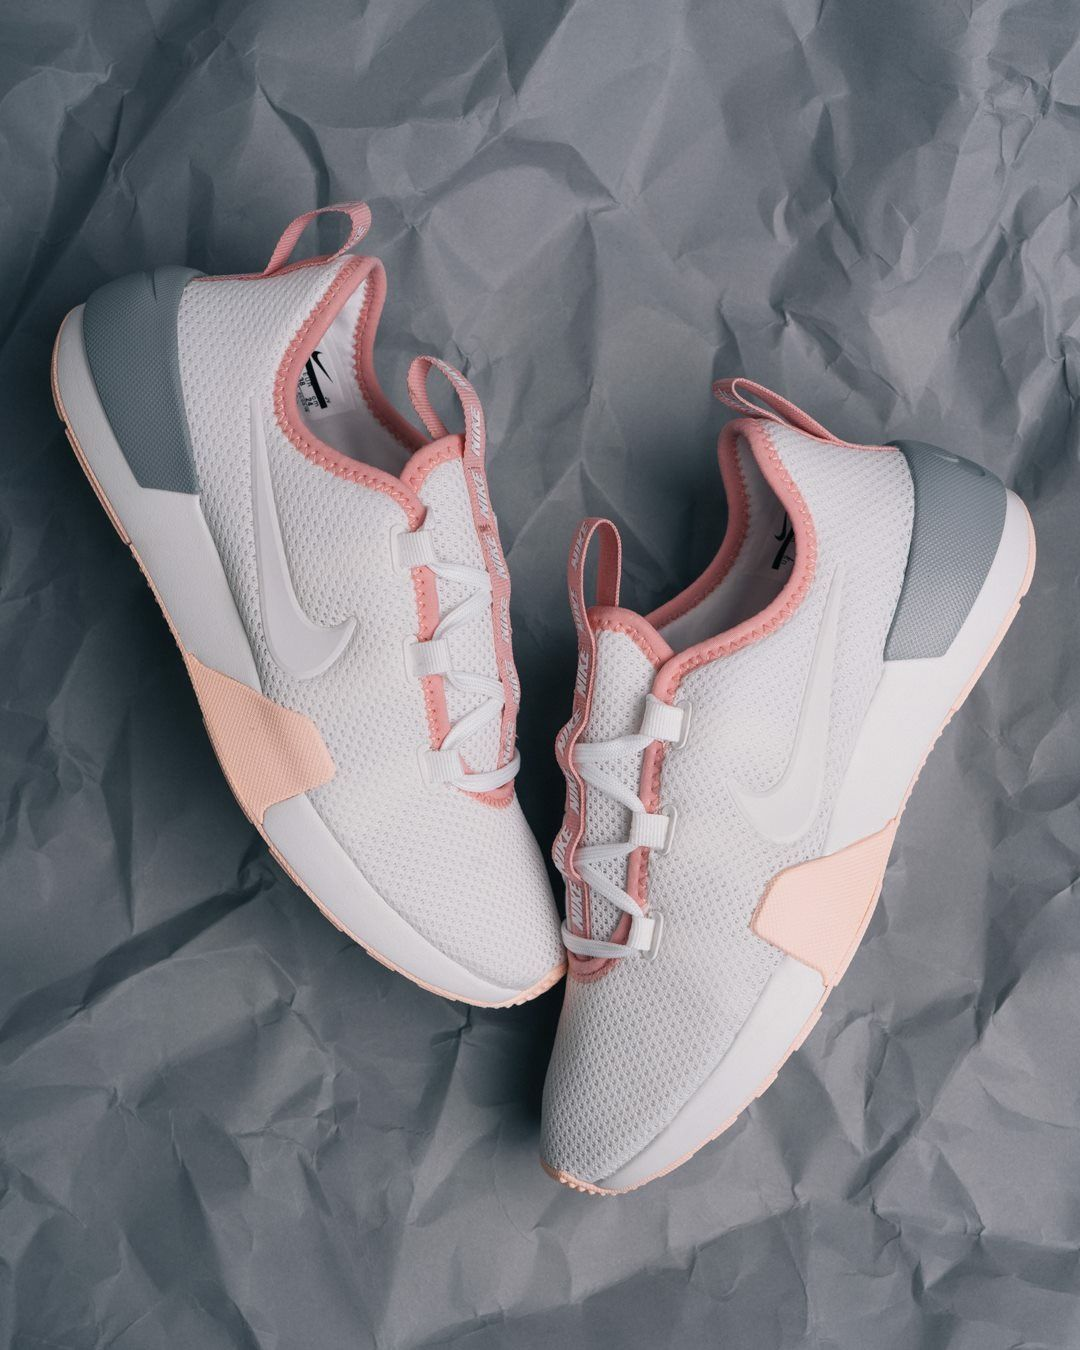 info for 011a7 cfa87 Nike Ashin Modern Run | Shoess⚡ | Shoes sneakers, Sneakers nike y ...